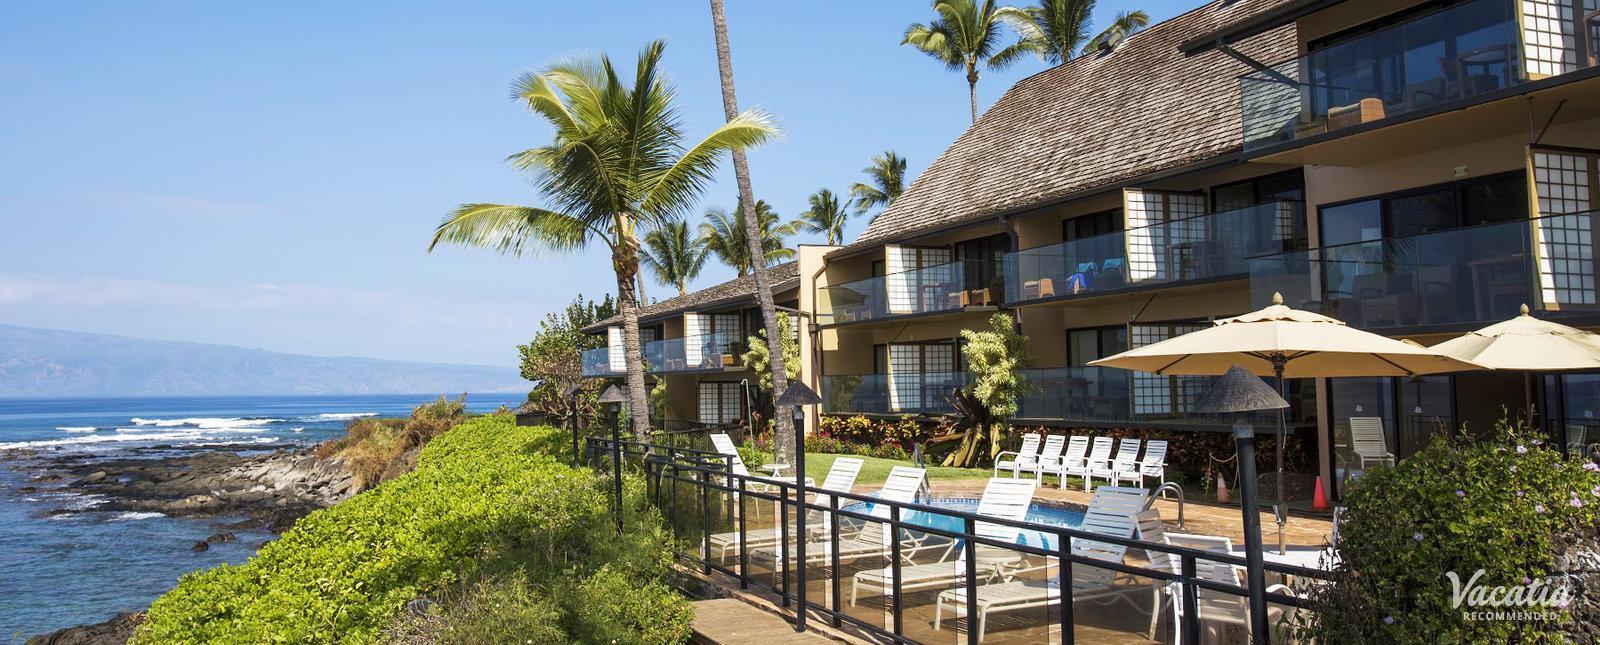 Napili Kai Resort Maui, HI | Vacation Rentals at Vacatia